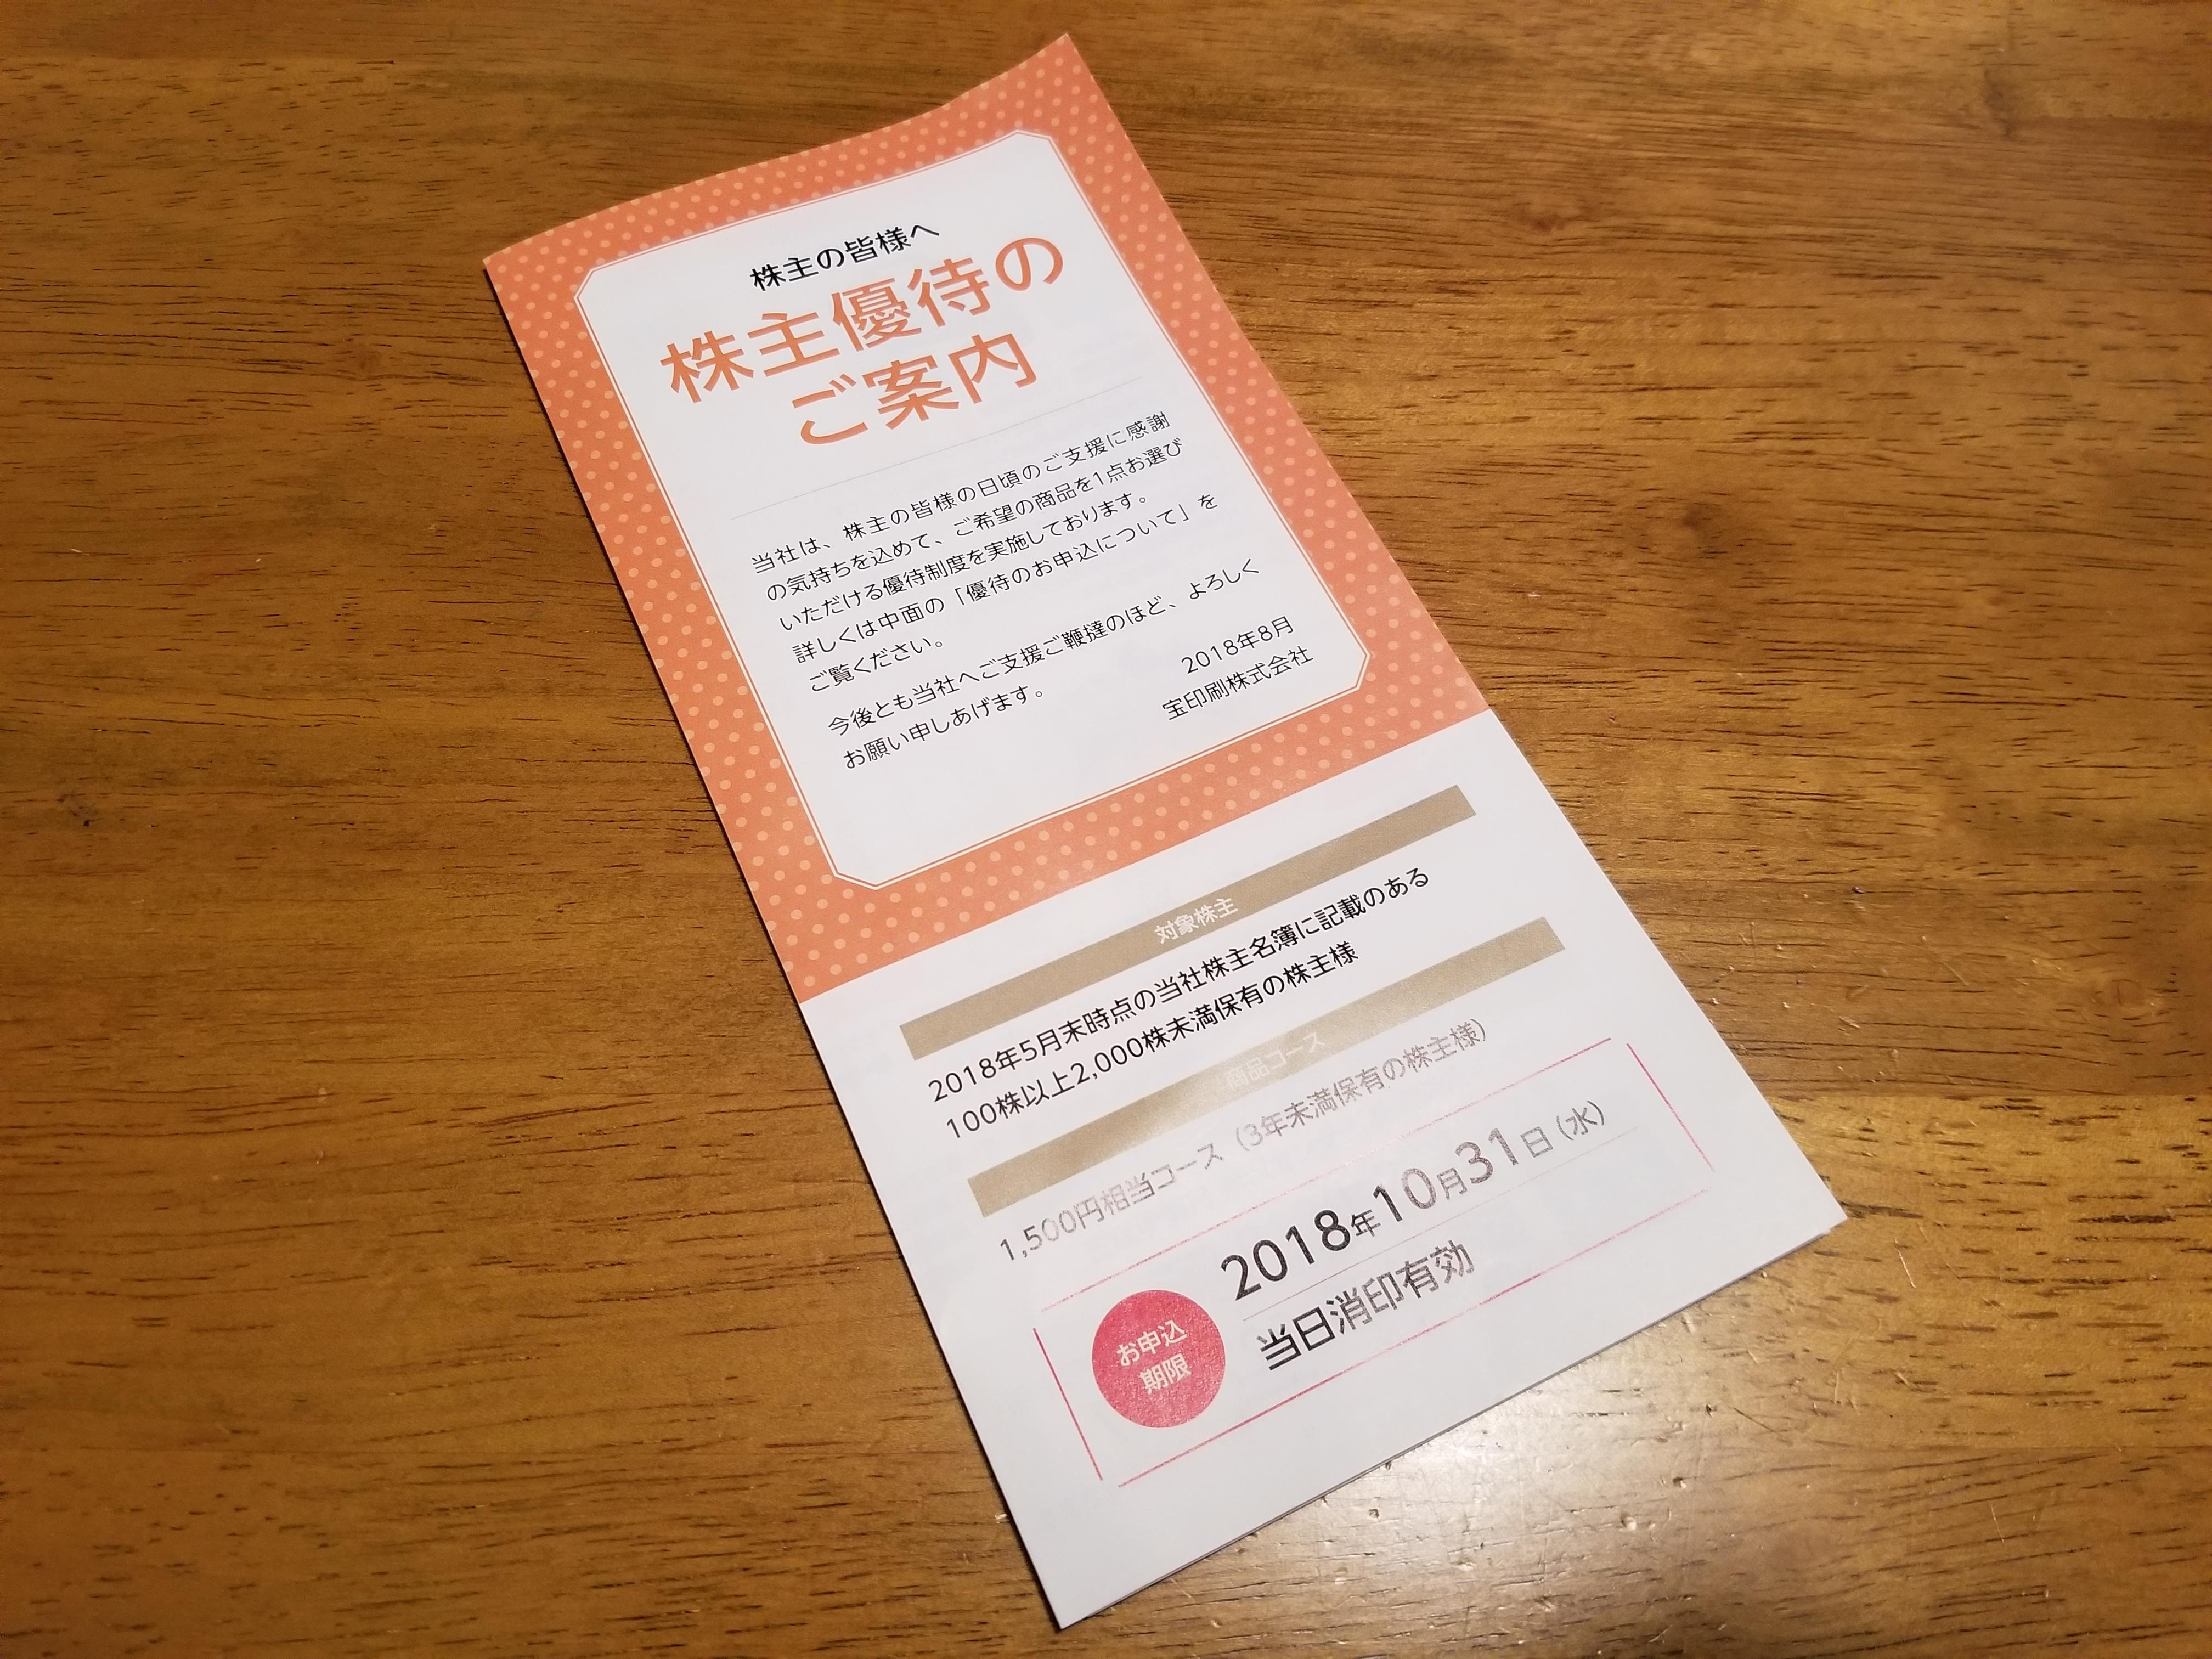 宝印刷(7921)から株主優待申込書類到着